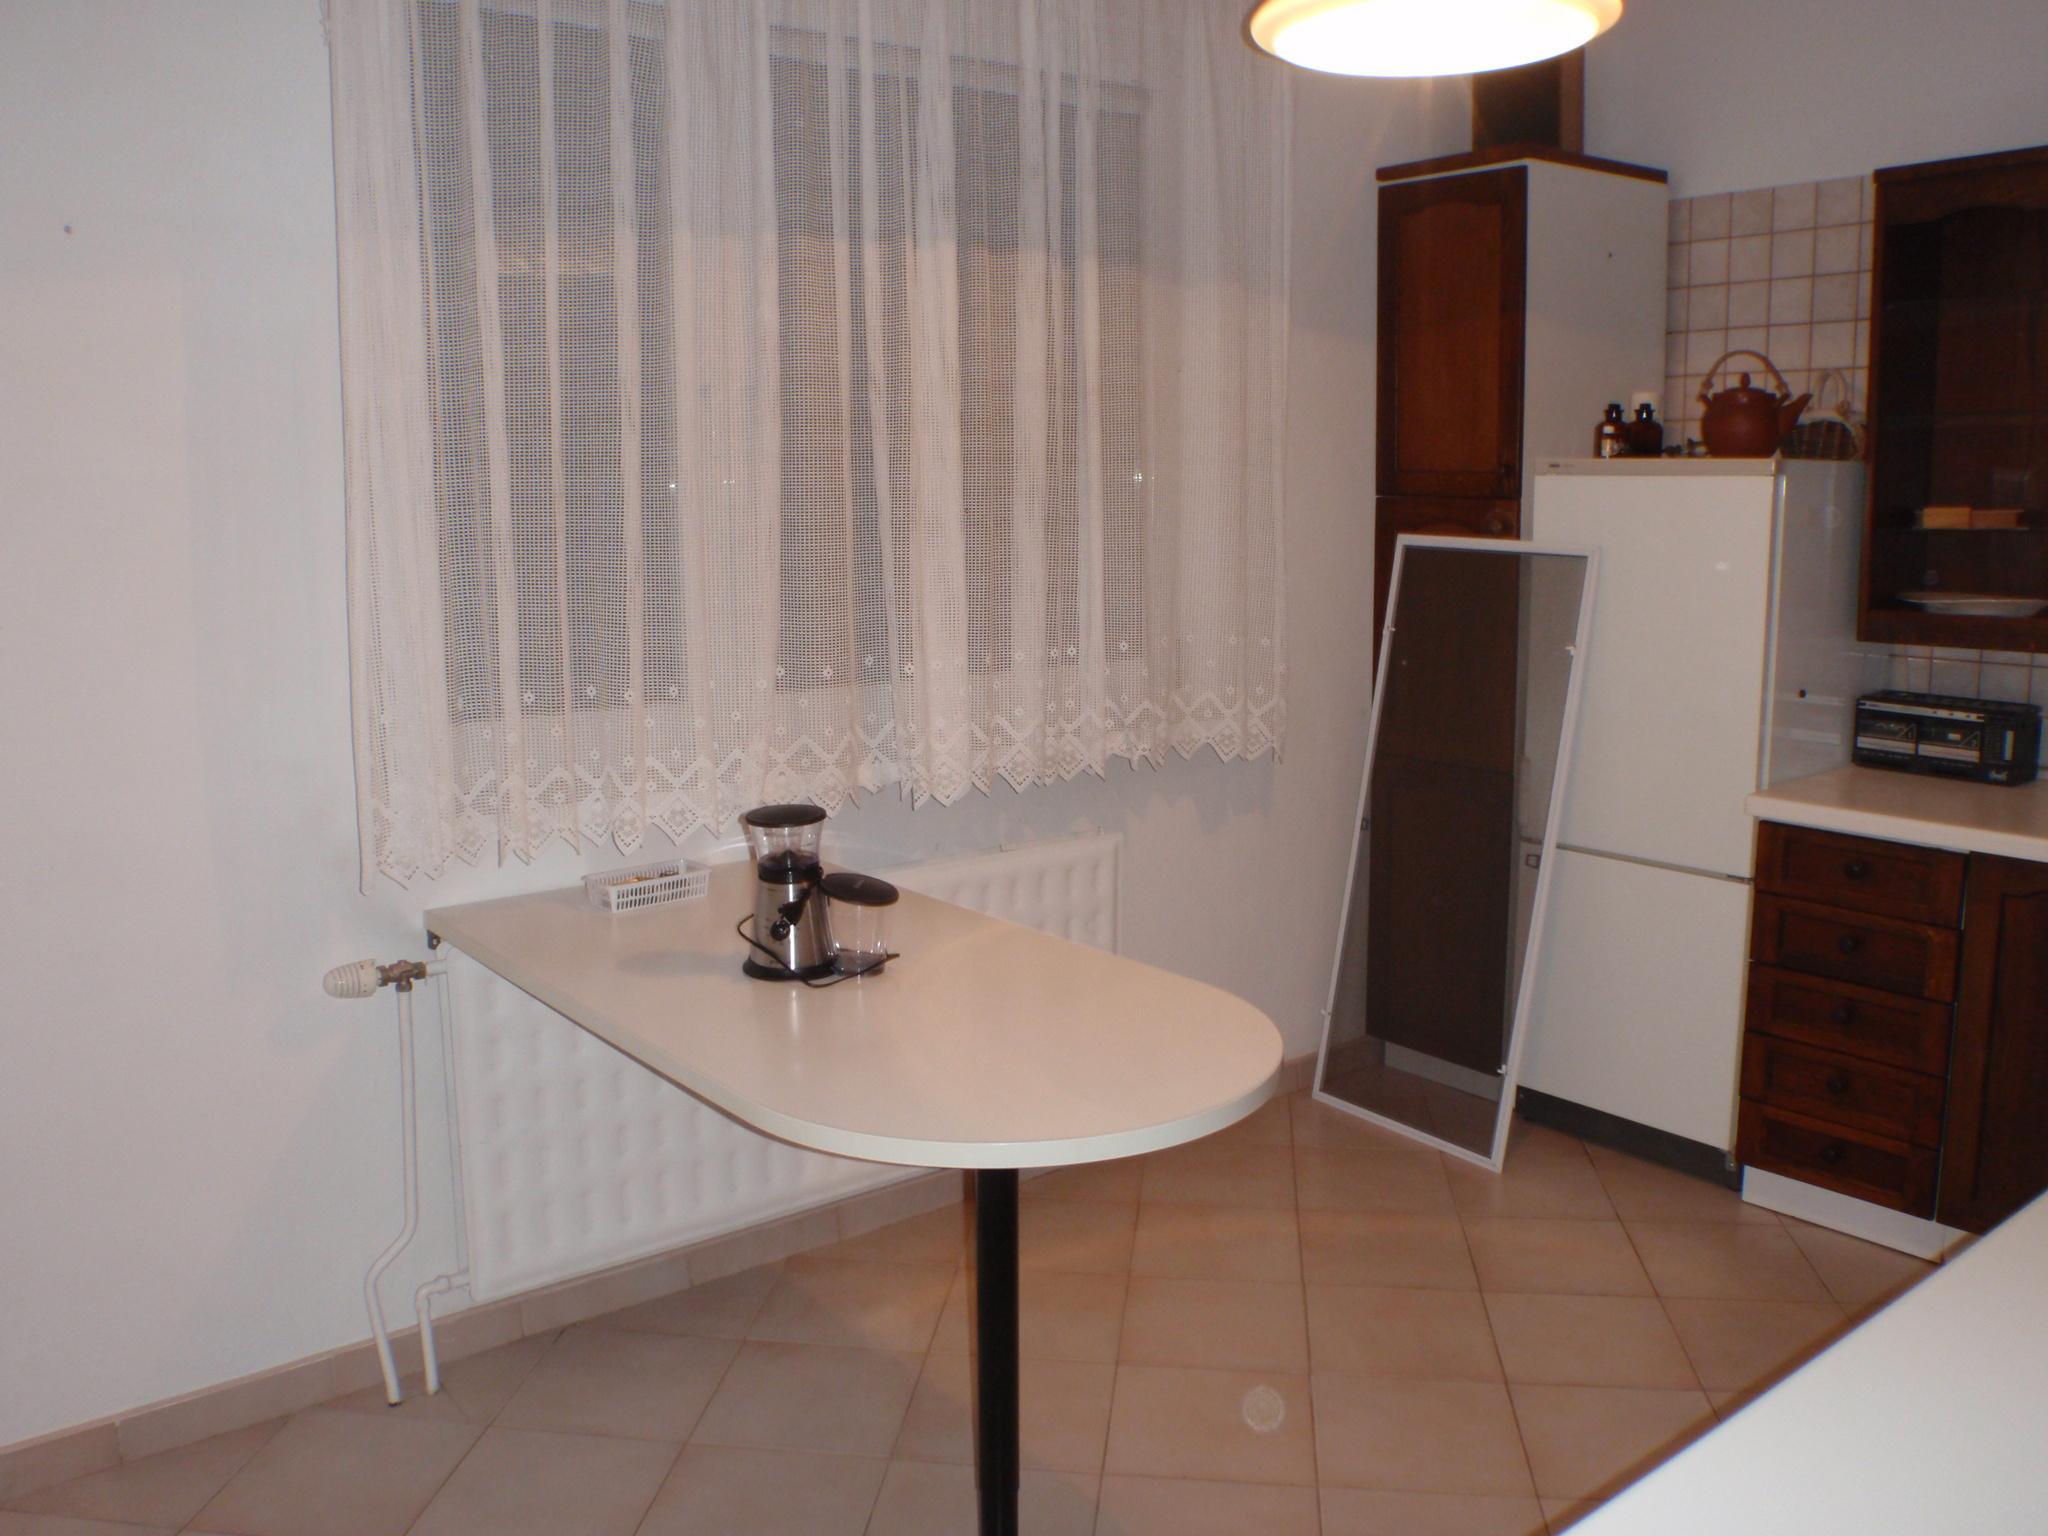 Kuchyňa pred rekonštrukciou